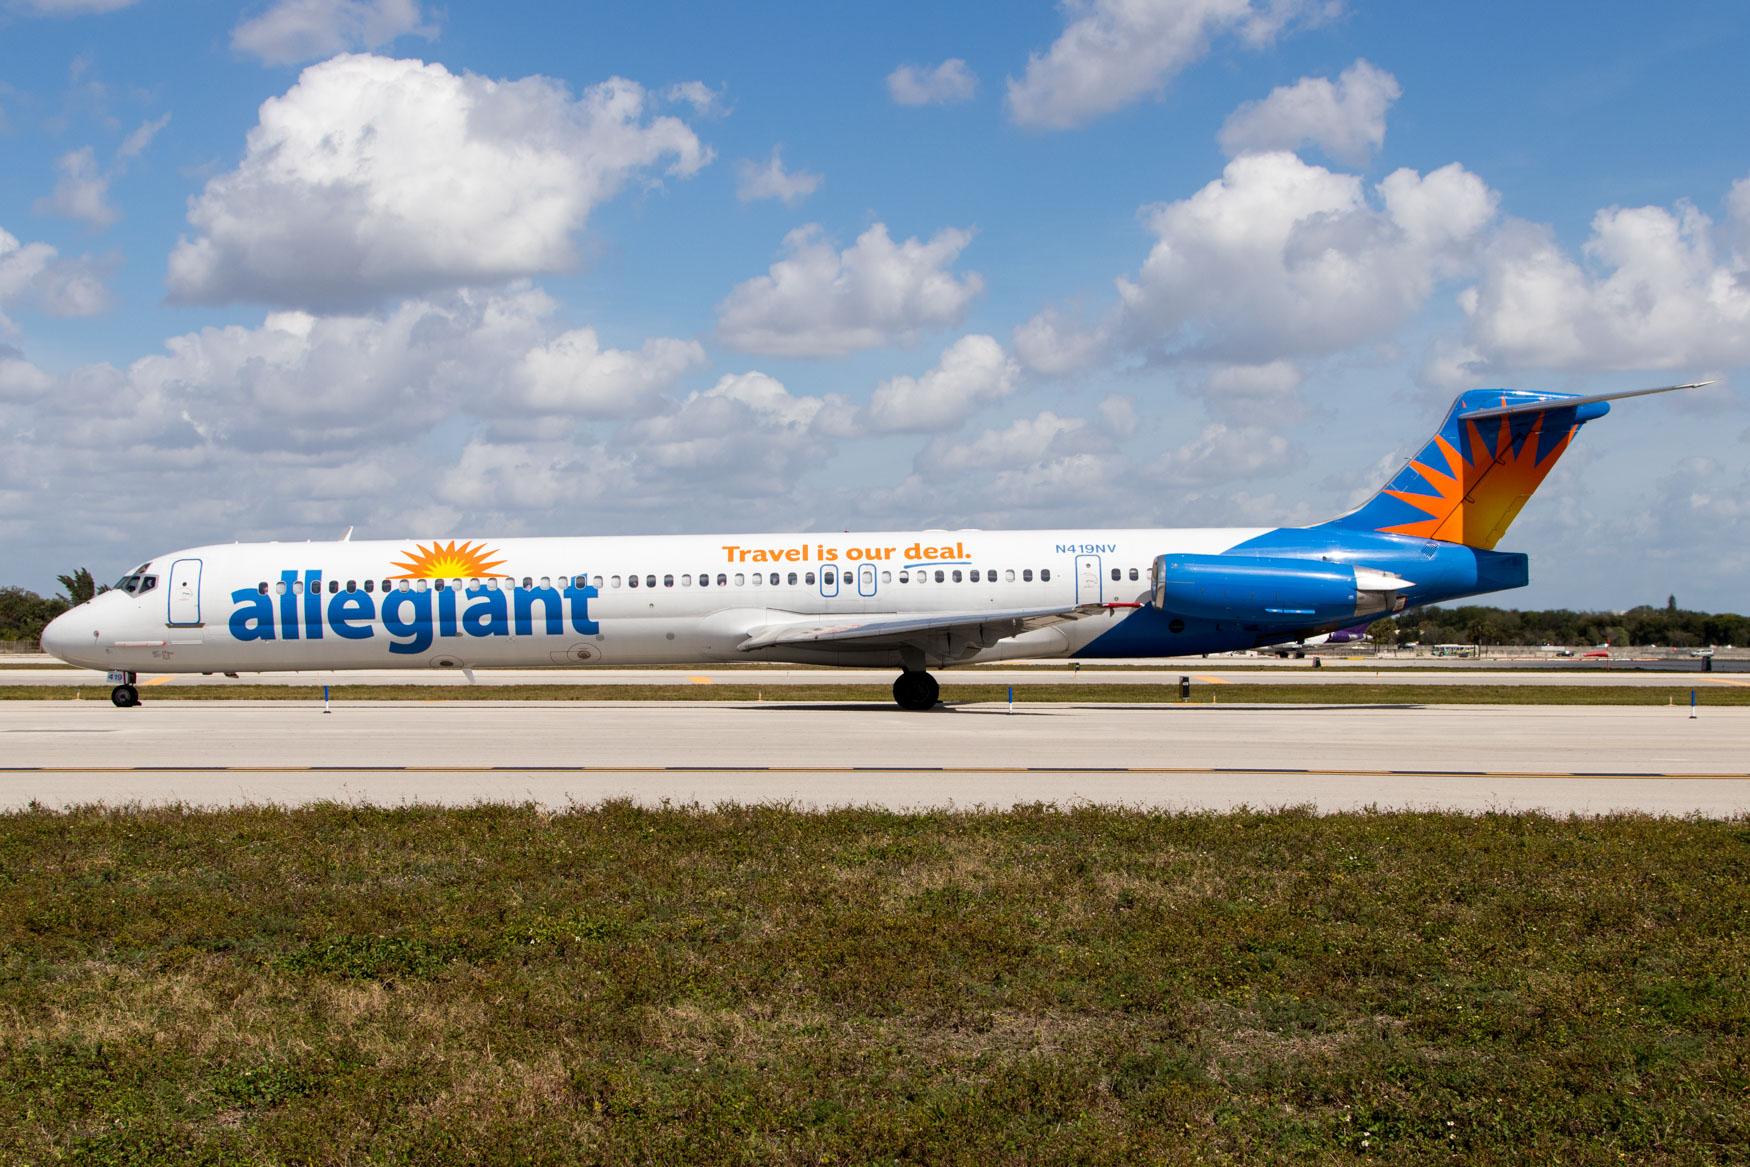 Allegiant MD-83